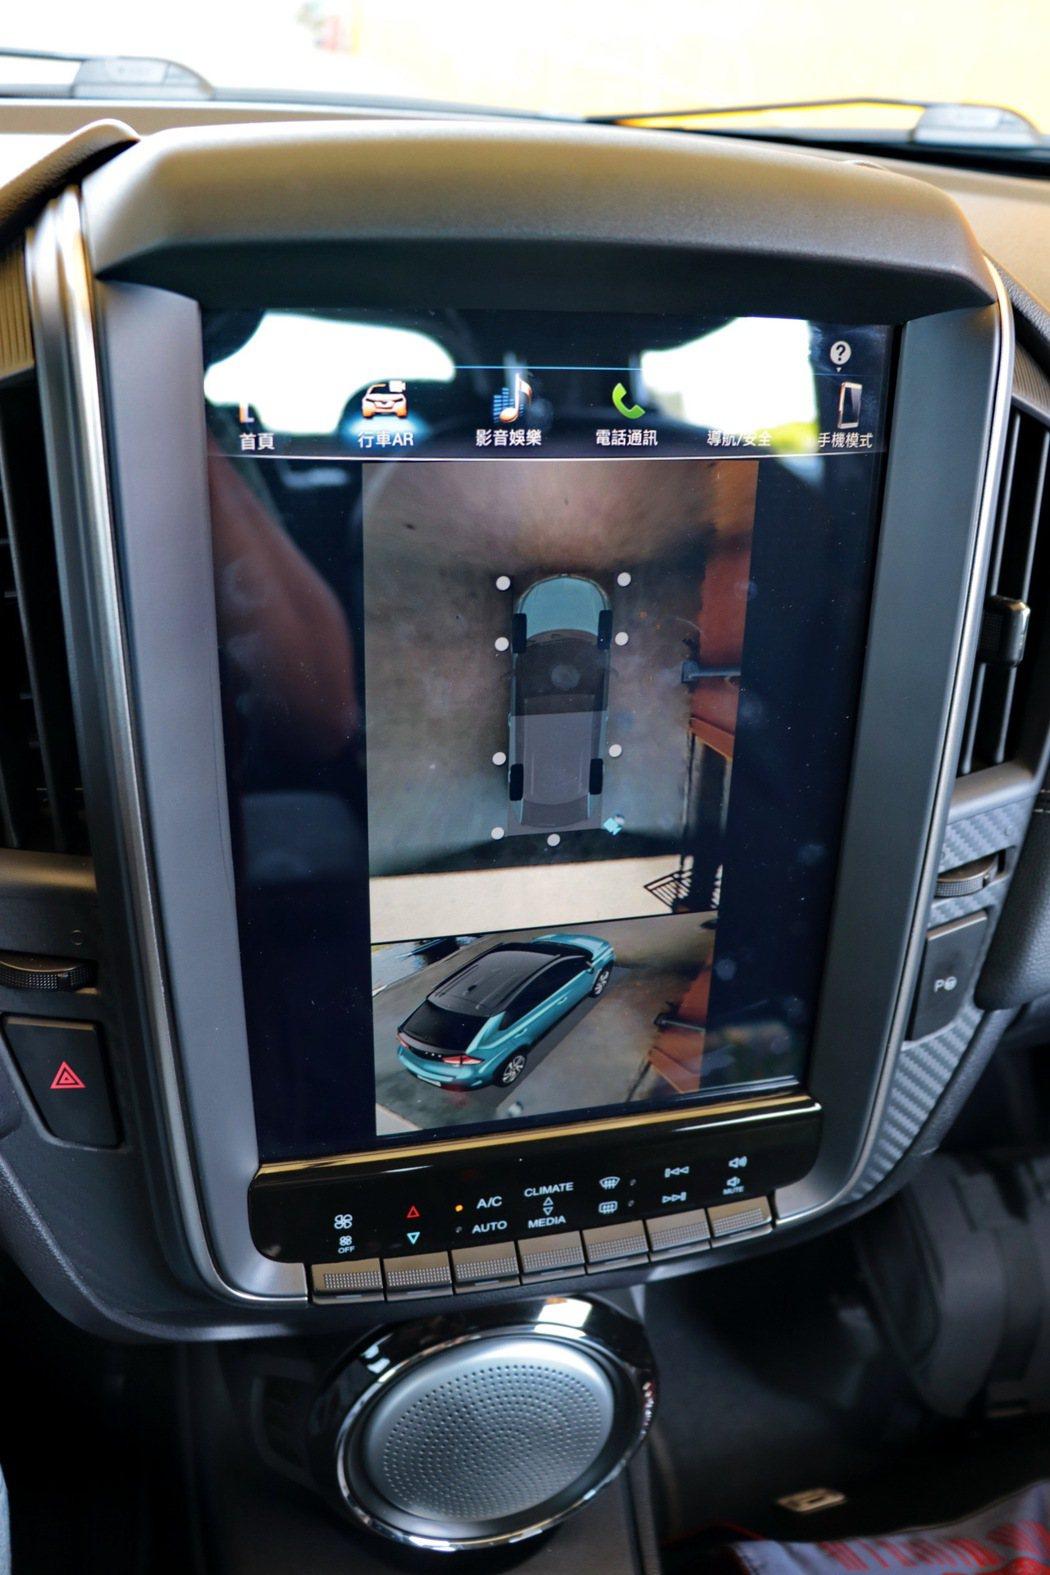 U5首創AR底盤透視影像,可清楚看見底盤下狀況並顯示車輪位置及角度,以智慧科技讓用車更安心。 記者陳威任/攝影